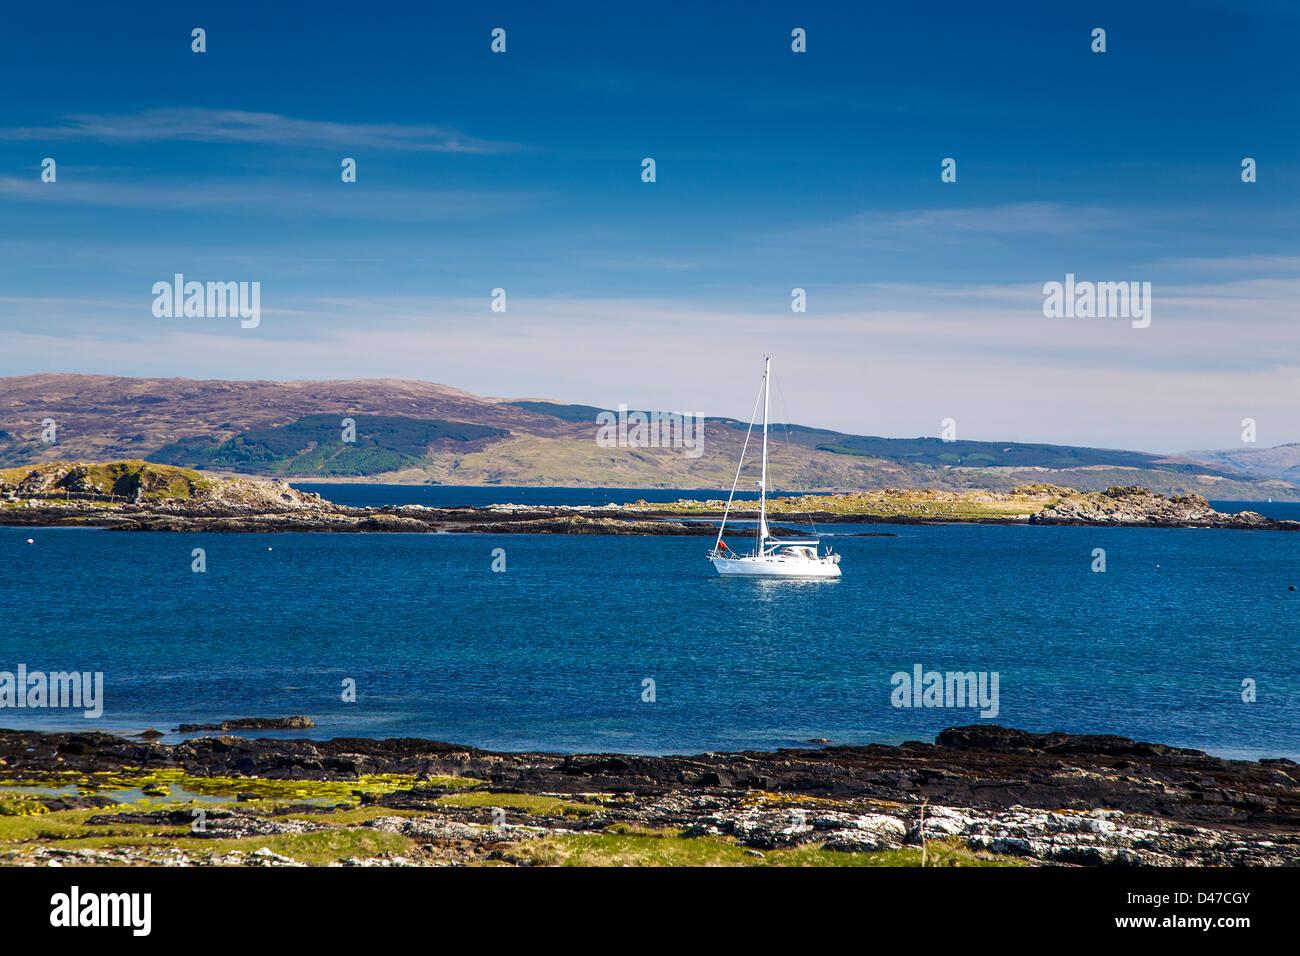 Sailing boat anchored at Kilchoan, Ardnamurchan, Highlands, Scotland uk - Stock Image